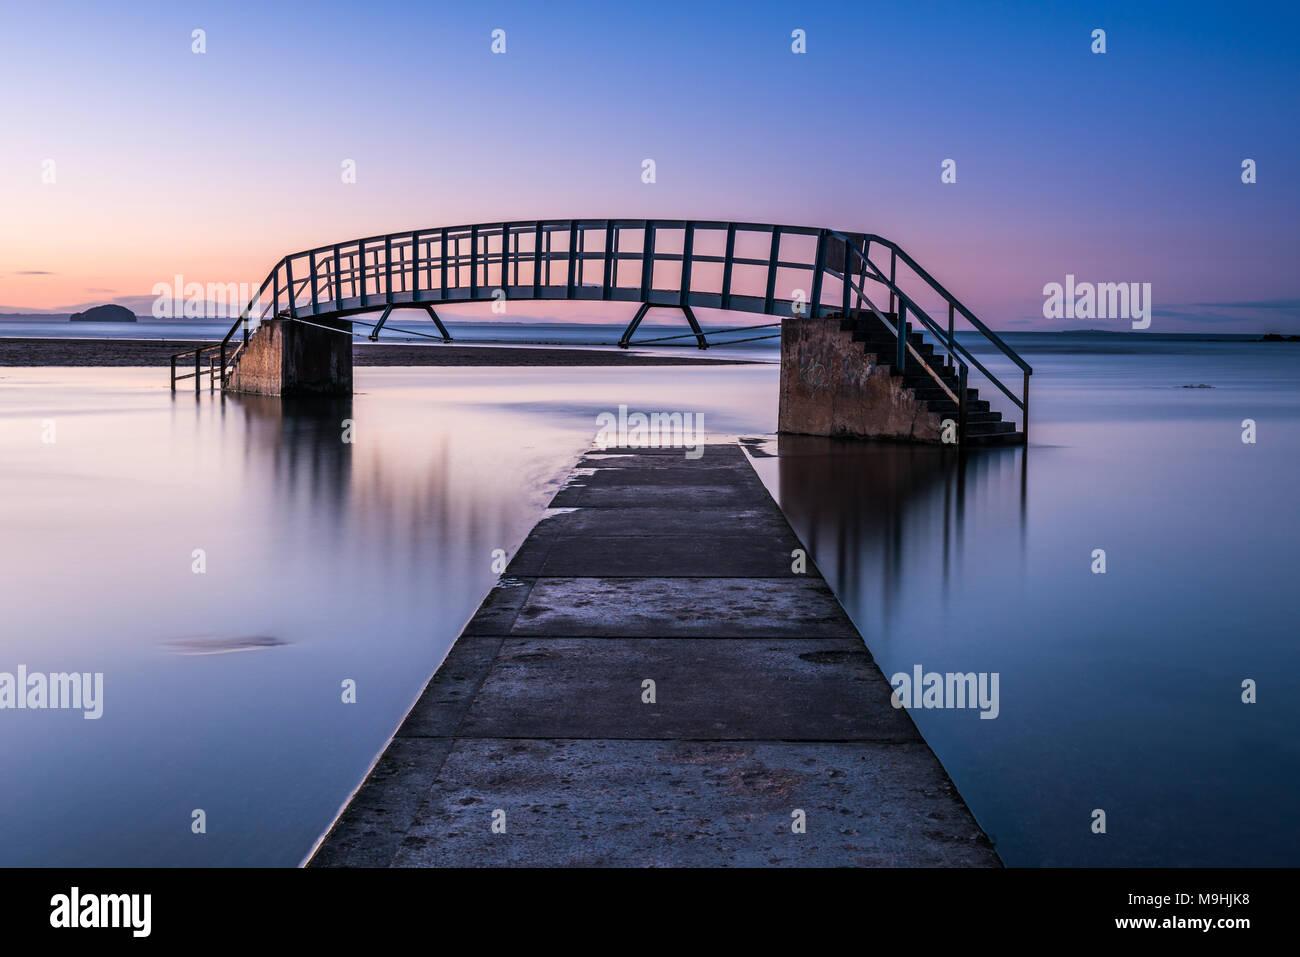 15 Diese Brücke ist als 'Bridge To Nowhere' und wurde als Teil der ...